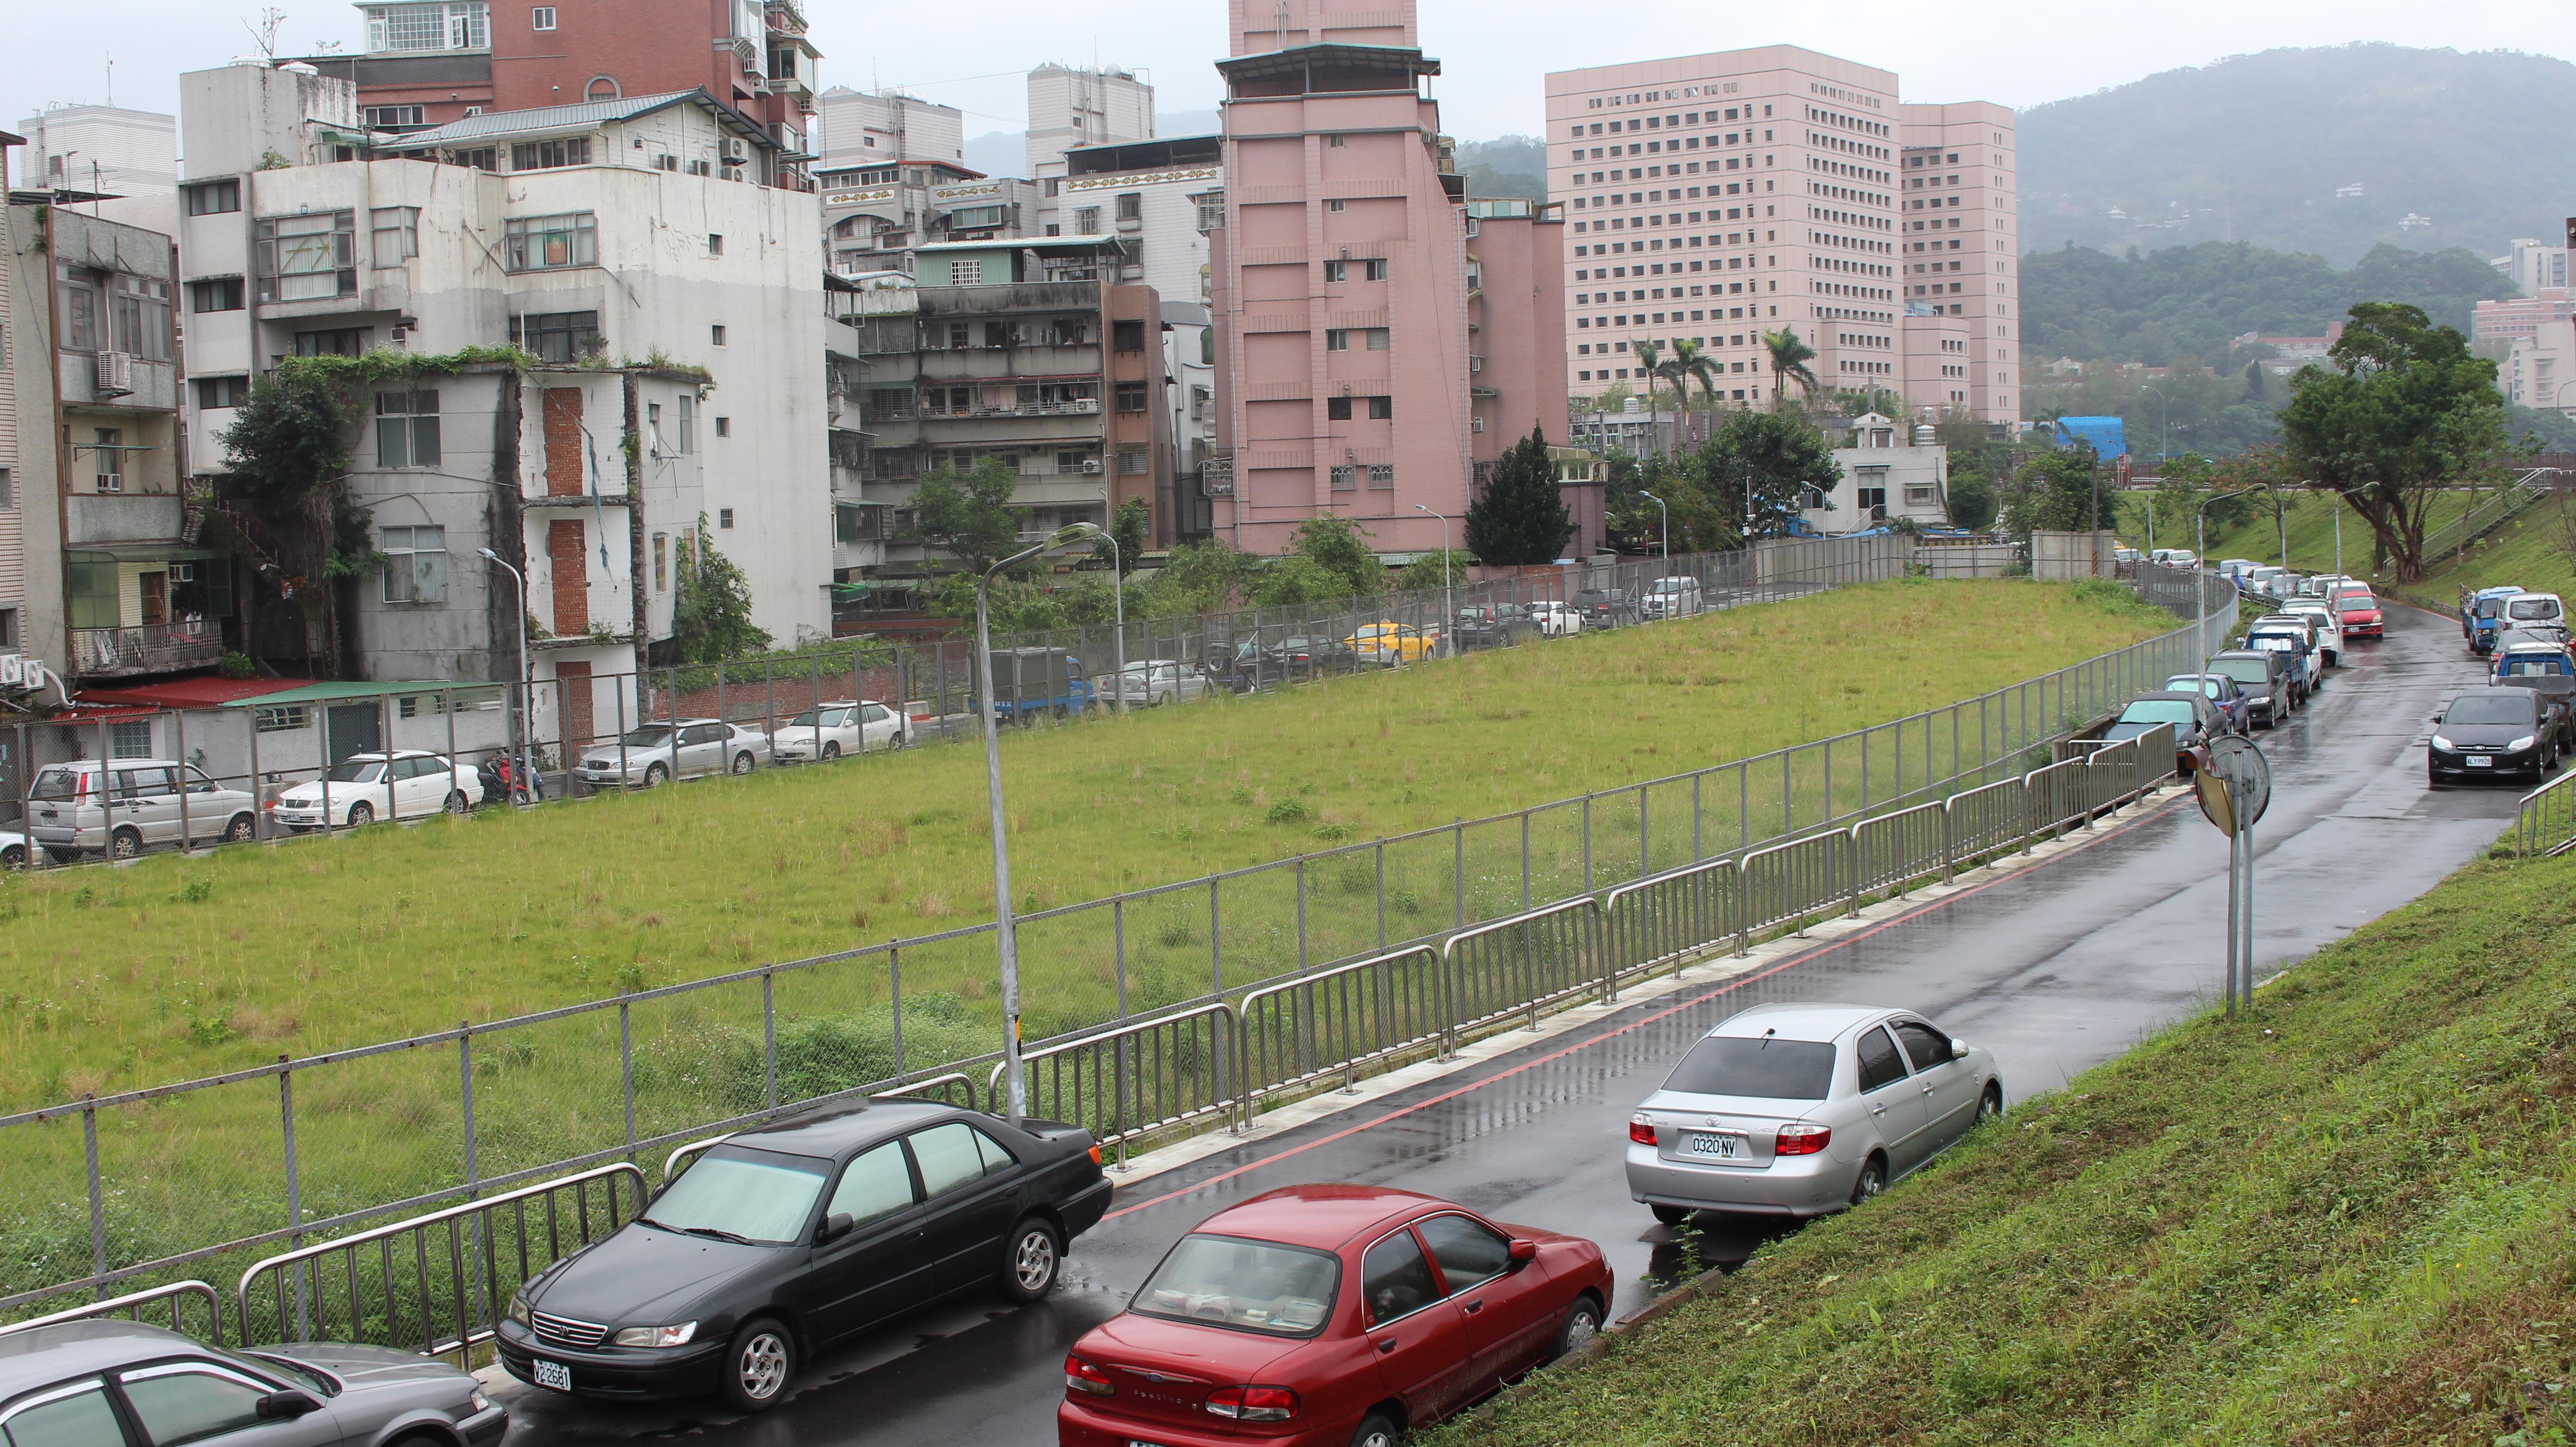 文山一期重劃區已完成土地劃分,權狀發還地主。 攝影/謝孟儒